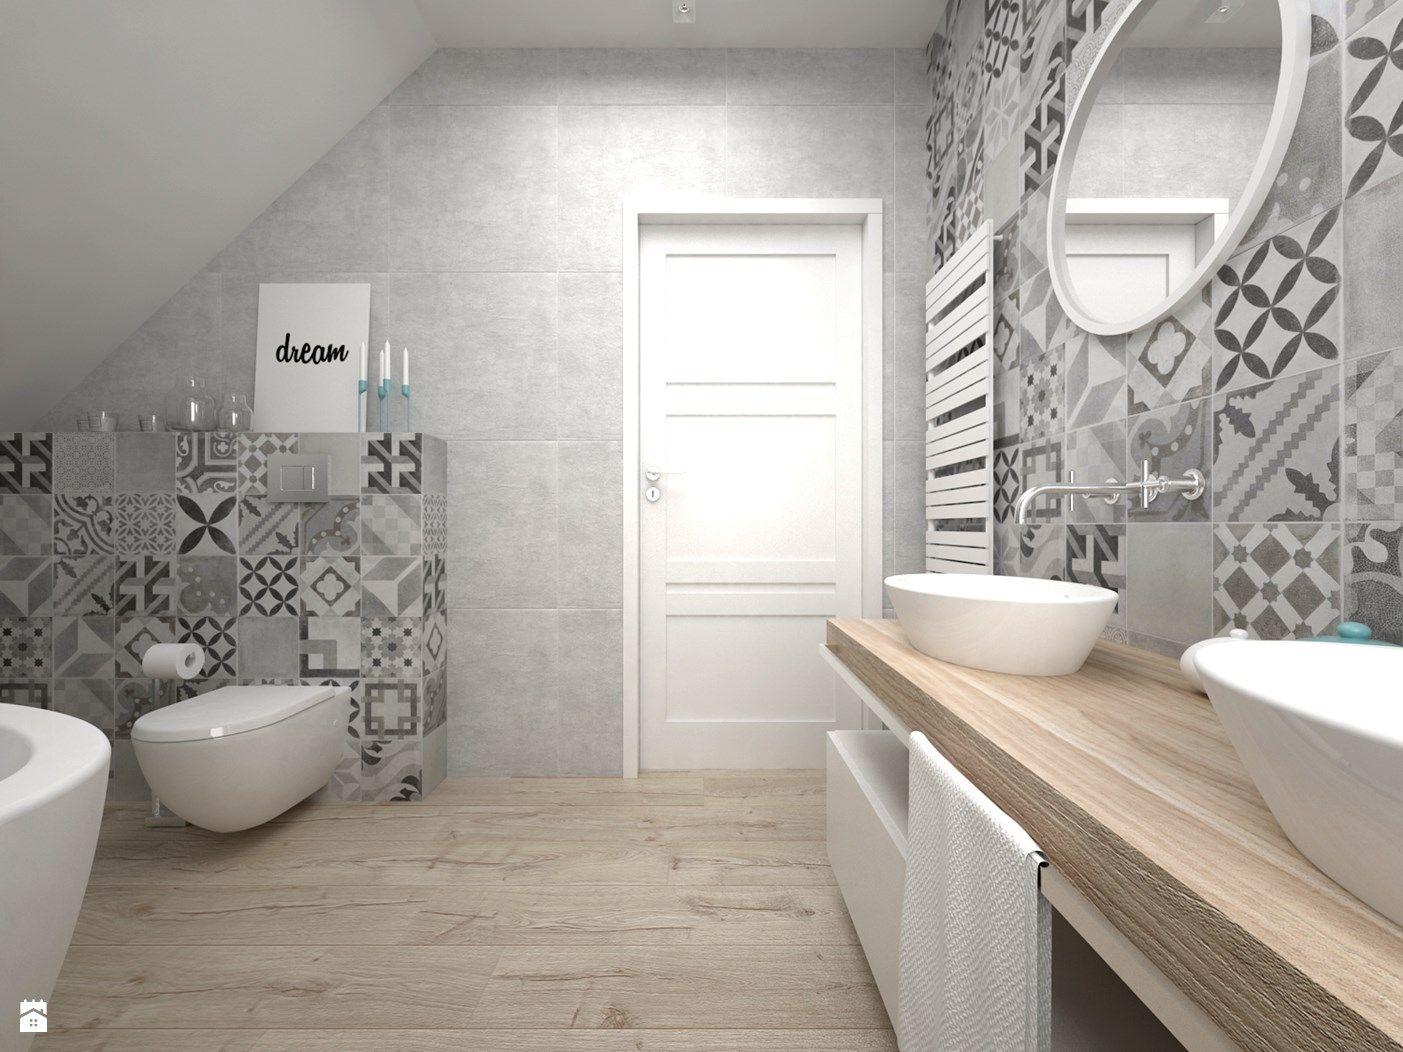 łazienka Styl Skandynawski Zdjęcie Od Big Idea Studio